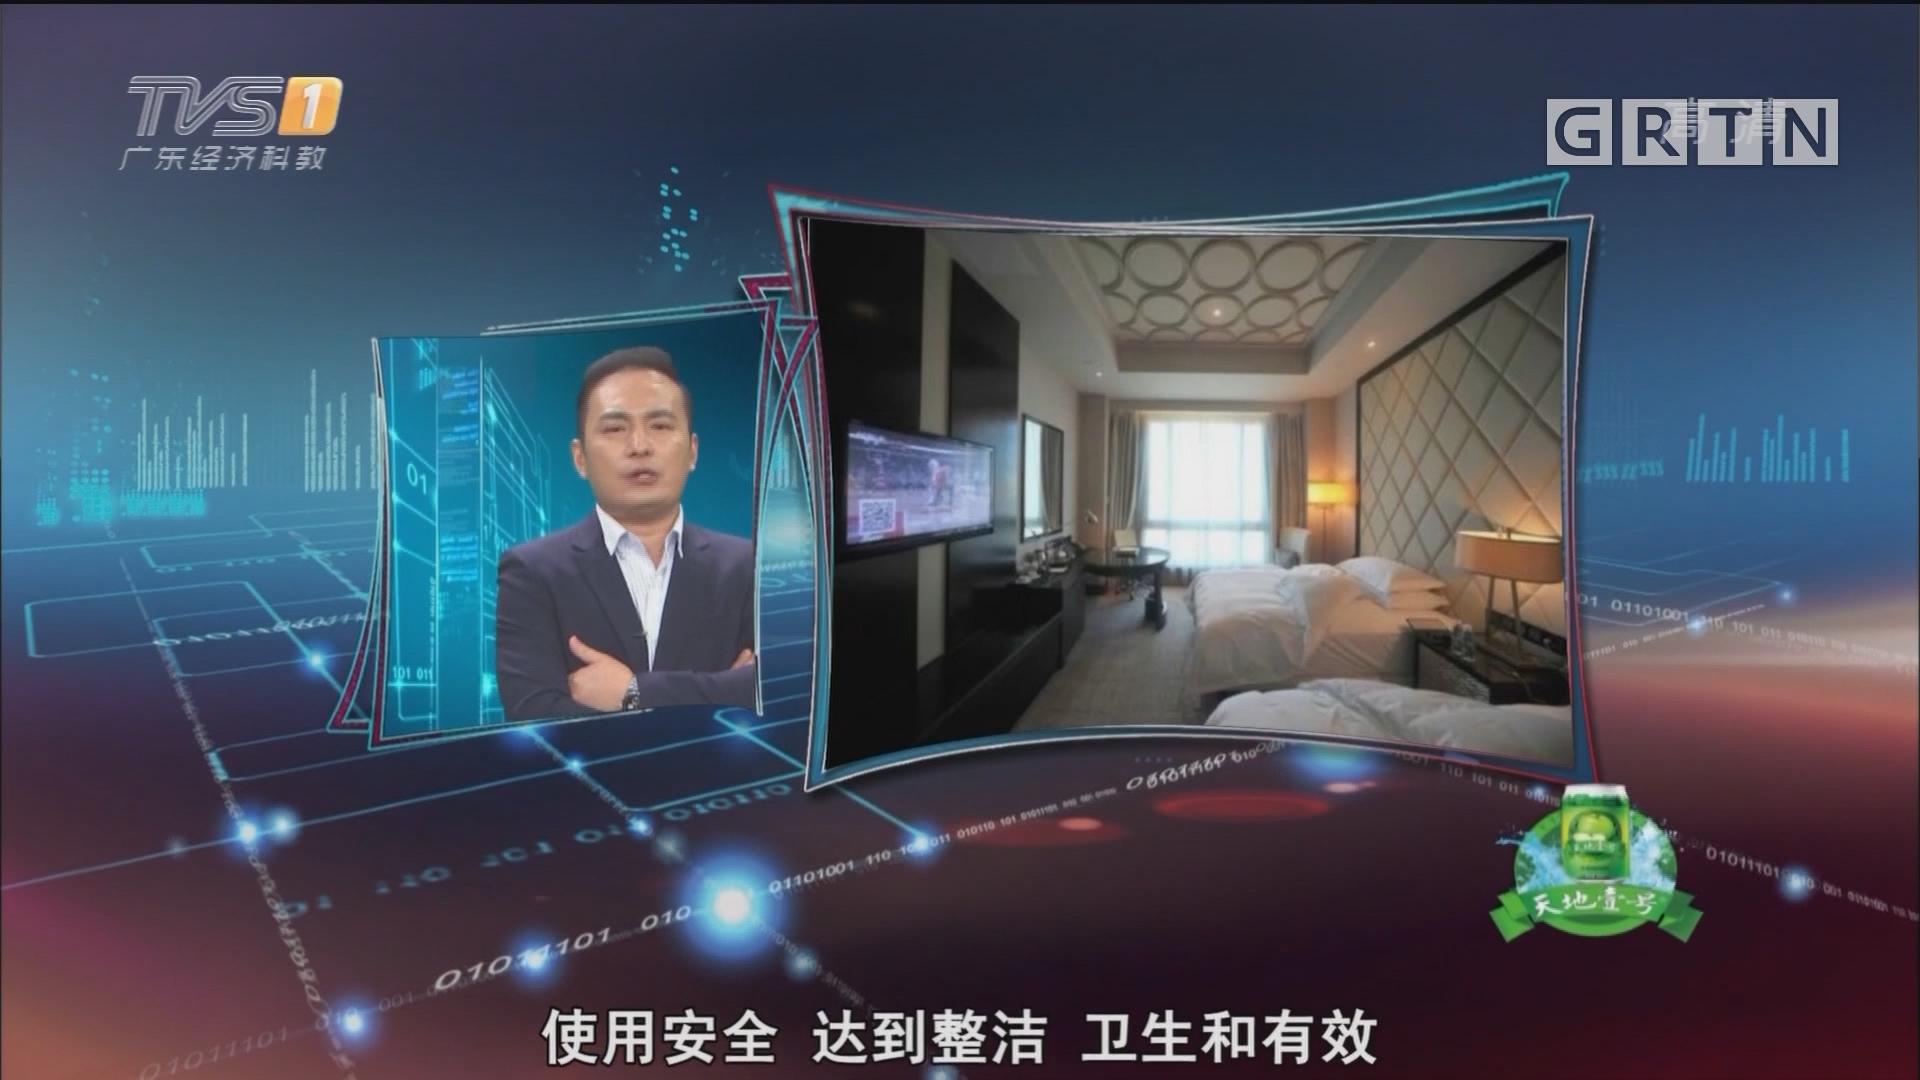 [HD][2019-04-29]马后炮:摘星应成酒店治理标配